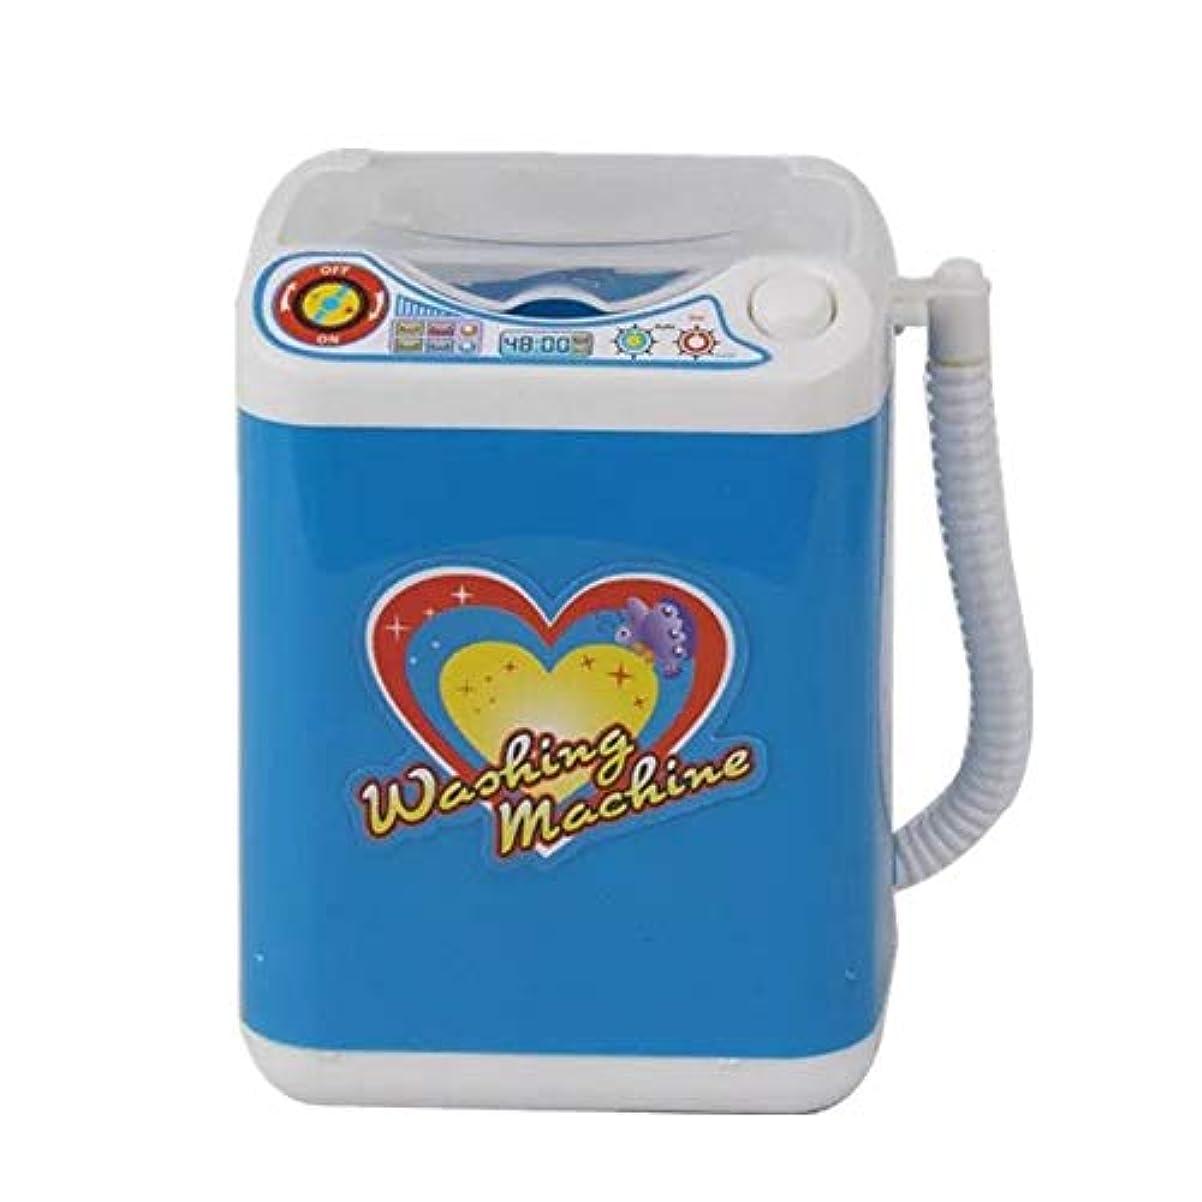 ブリード解き明かす脇にMissley ミニブレンダー洗濯機のおもちゃ美容スポンジブラシワッシャーメイクアップブラシクリーナー模擬電化製品教育ギフト (Style3)